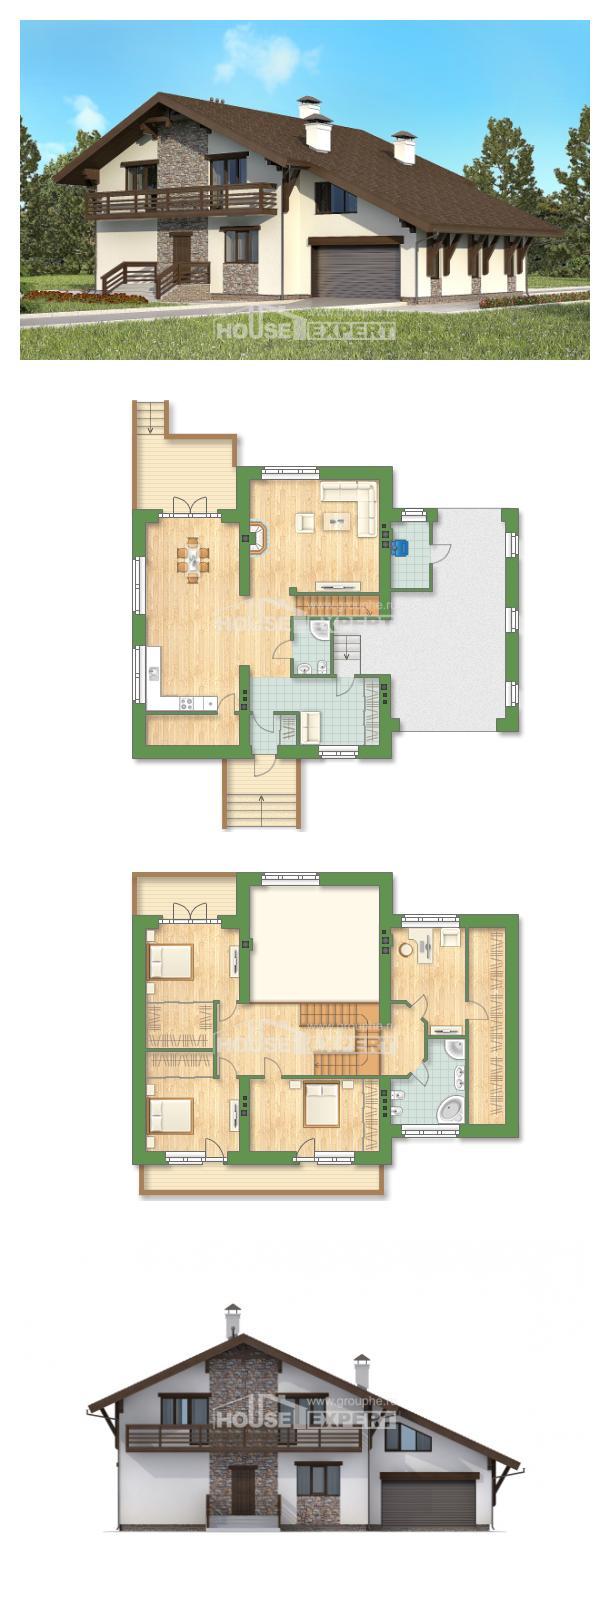 Проект дома 280-001-П | House Expert